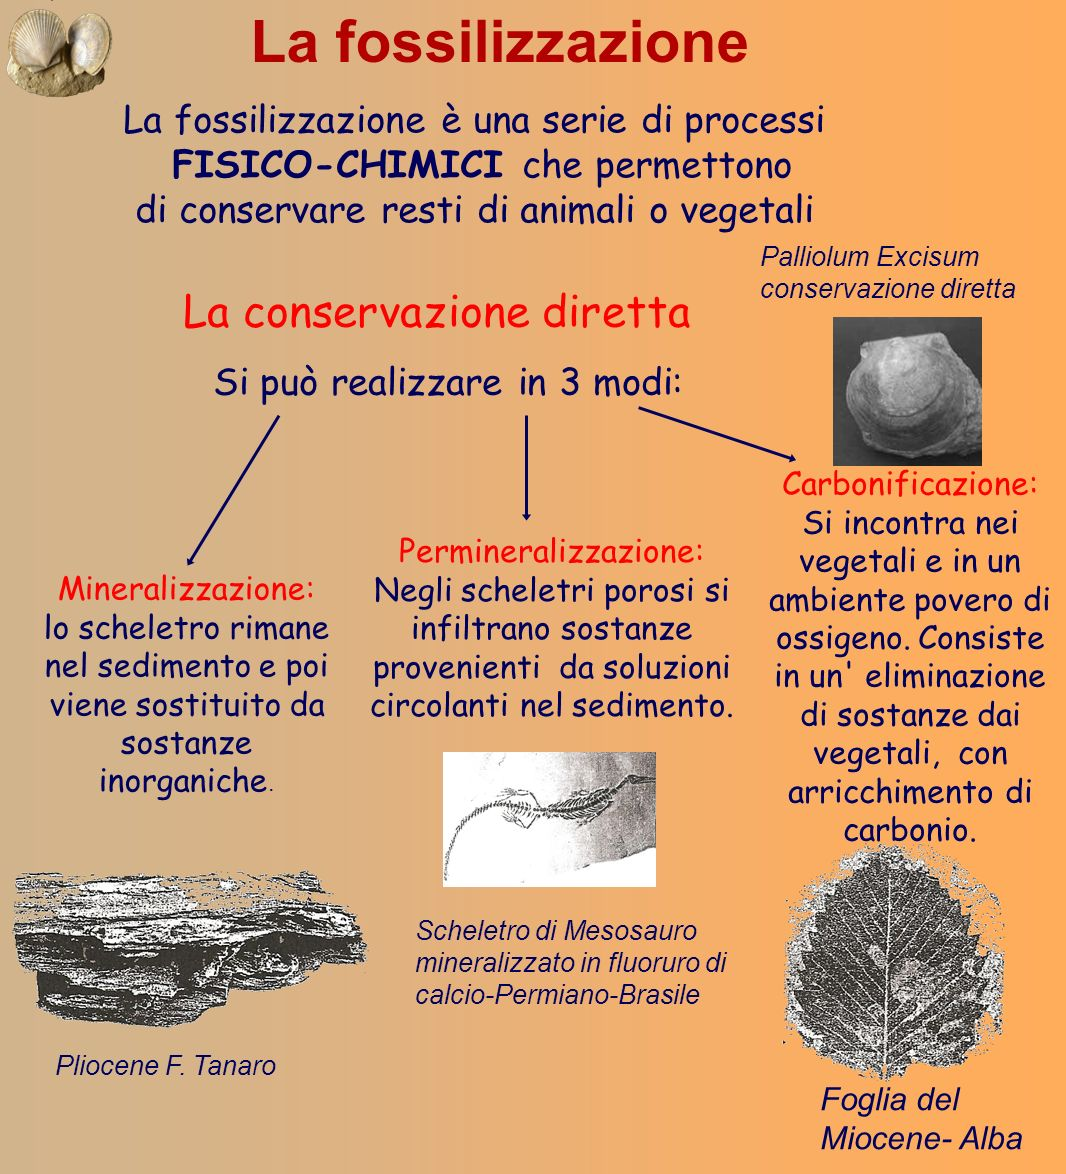 La FOSSILIZZAZIONE è più frequente in ambiente marino o comunque acquatico, e raramente è possibile sulla superficie terrestre Fossili AUTOCTONI: si trovano esattamente dove si sono formati Fossili ALLOCTONI: sono stati trasportati dagli agenti meteorologici in altro luogo da quello di origine CONDIZIONI INDISPENSABILI: ·Rapido seppellimento e compattazione del sedimento in cui il resto è inglobato ·Presenza di parti resistenti mineralizzate o di difficile alterazione FOSSILIZZAZIONE